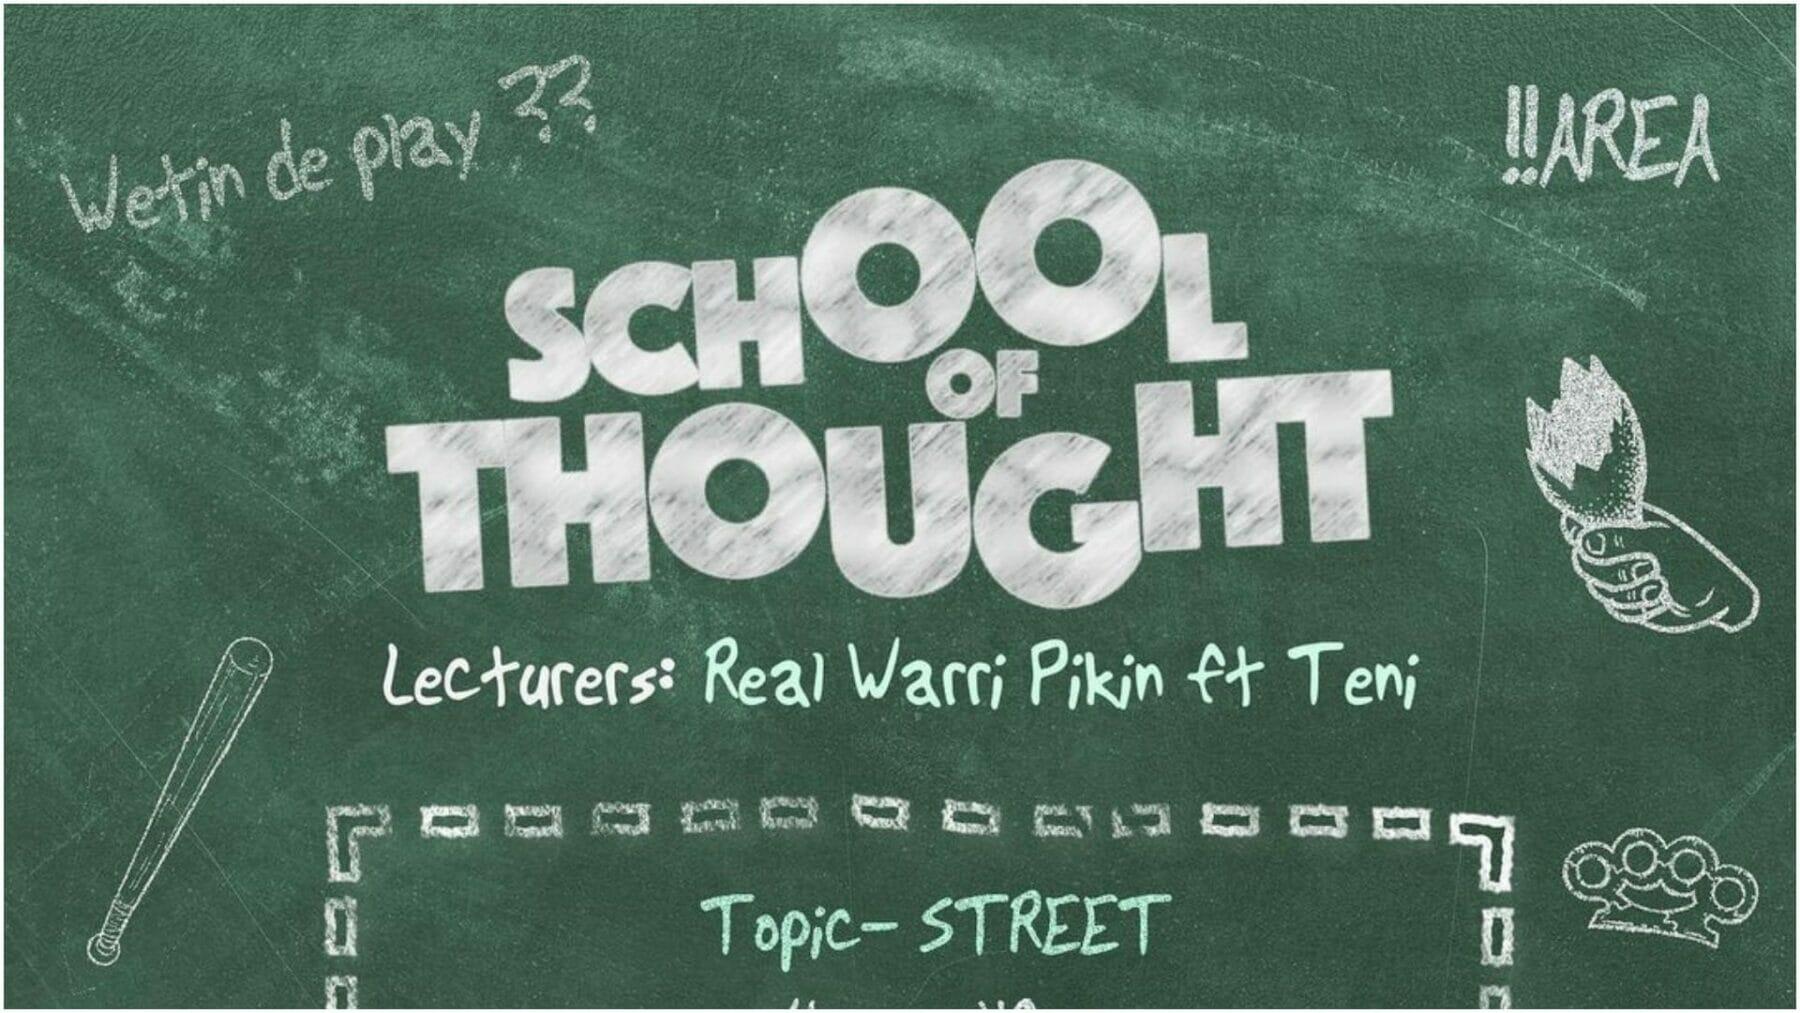 Real Warri Pikin - School of Thought